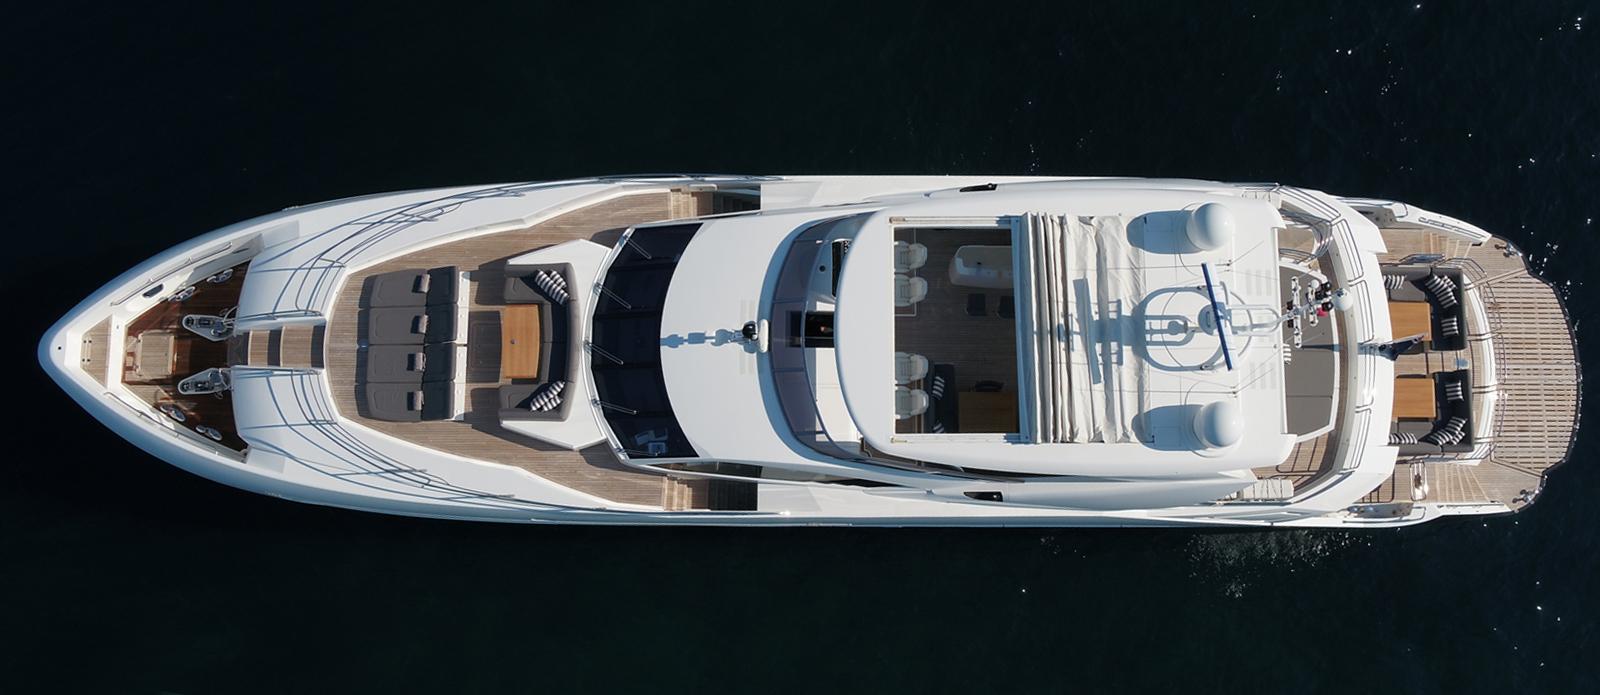 Sunseeker-115-Sport-Yacht-Zulu-Overhead-View-2